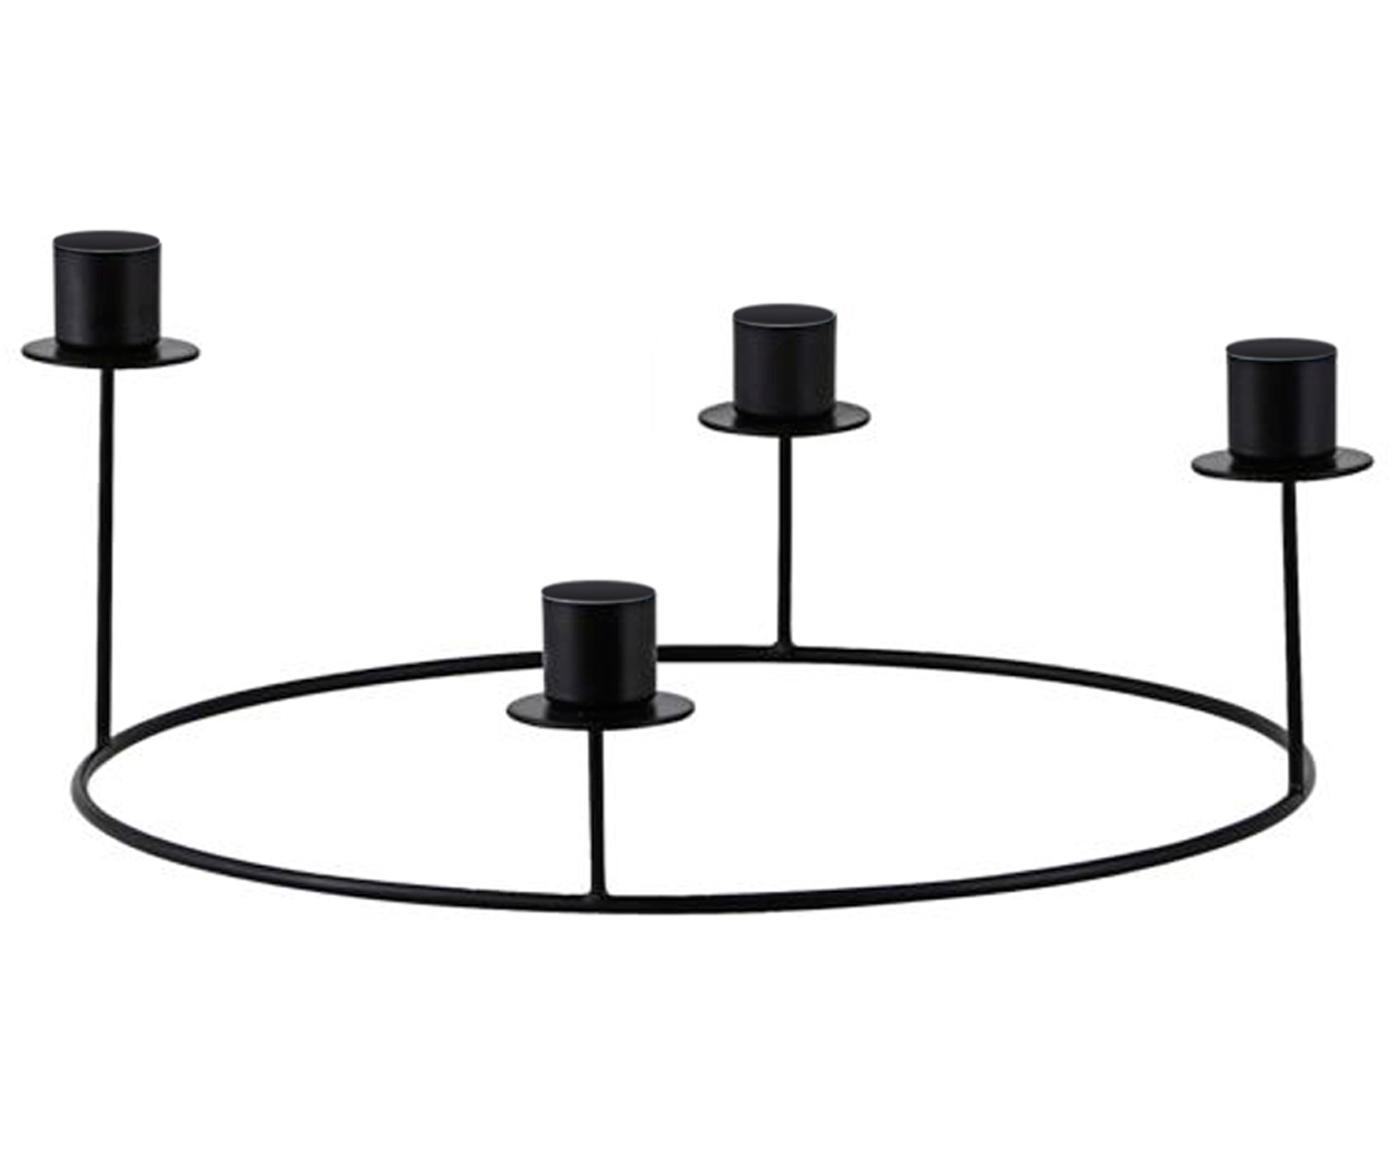 Kandelaar Stilu, Gecoat metaal, Zwart, Ø 27 x H 12 cm